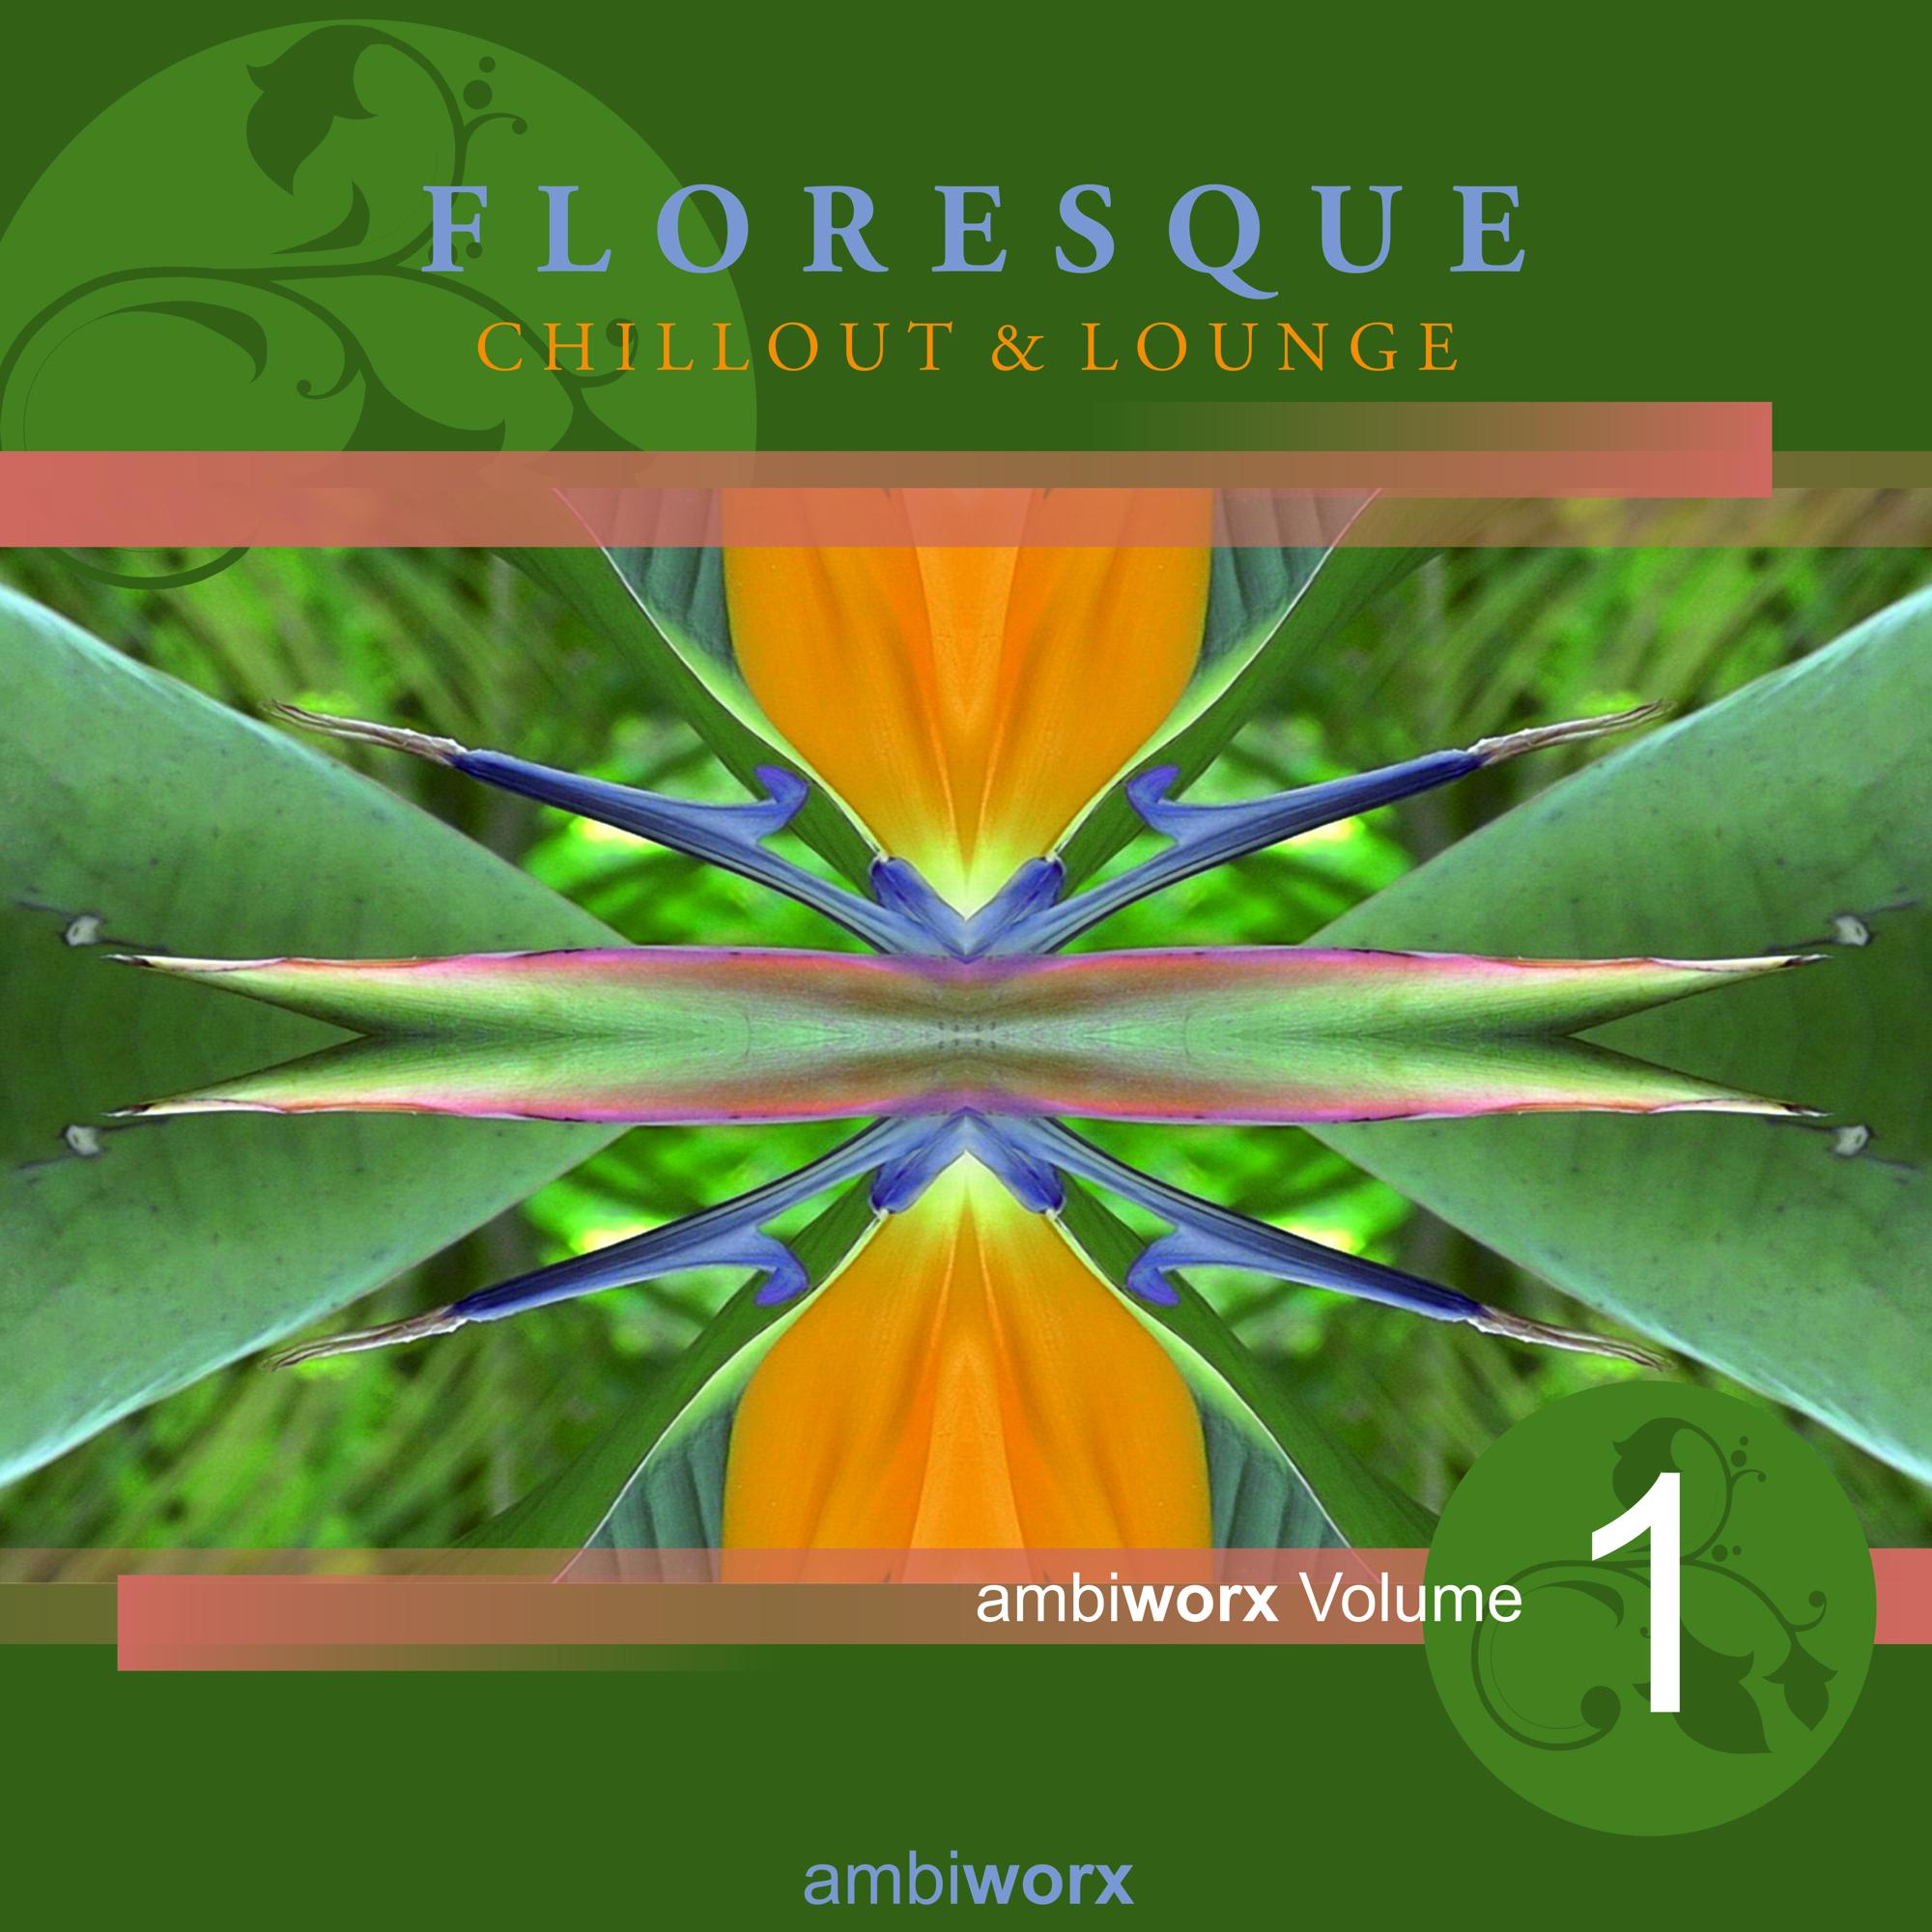 Floresque 2016 2000 CMYK.jpg